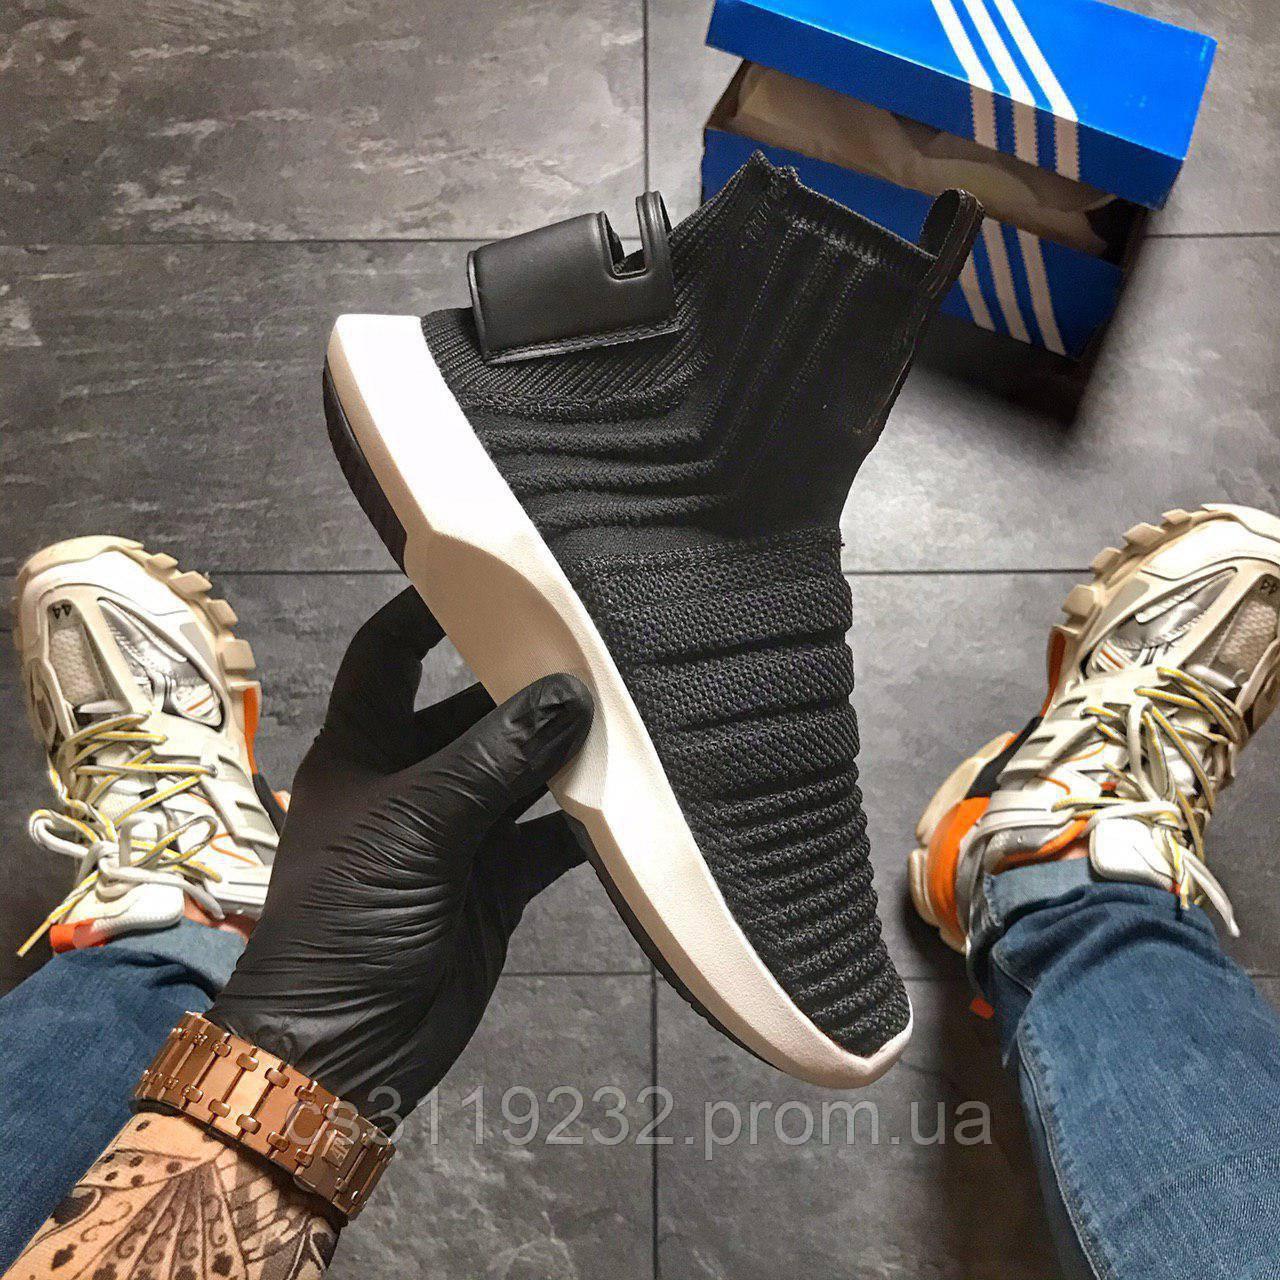 Мужские кроссовки Adidas Crazy 1 Adv Sock Primeknit (черные)